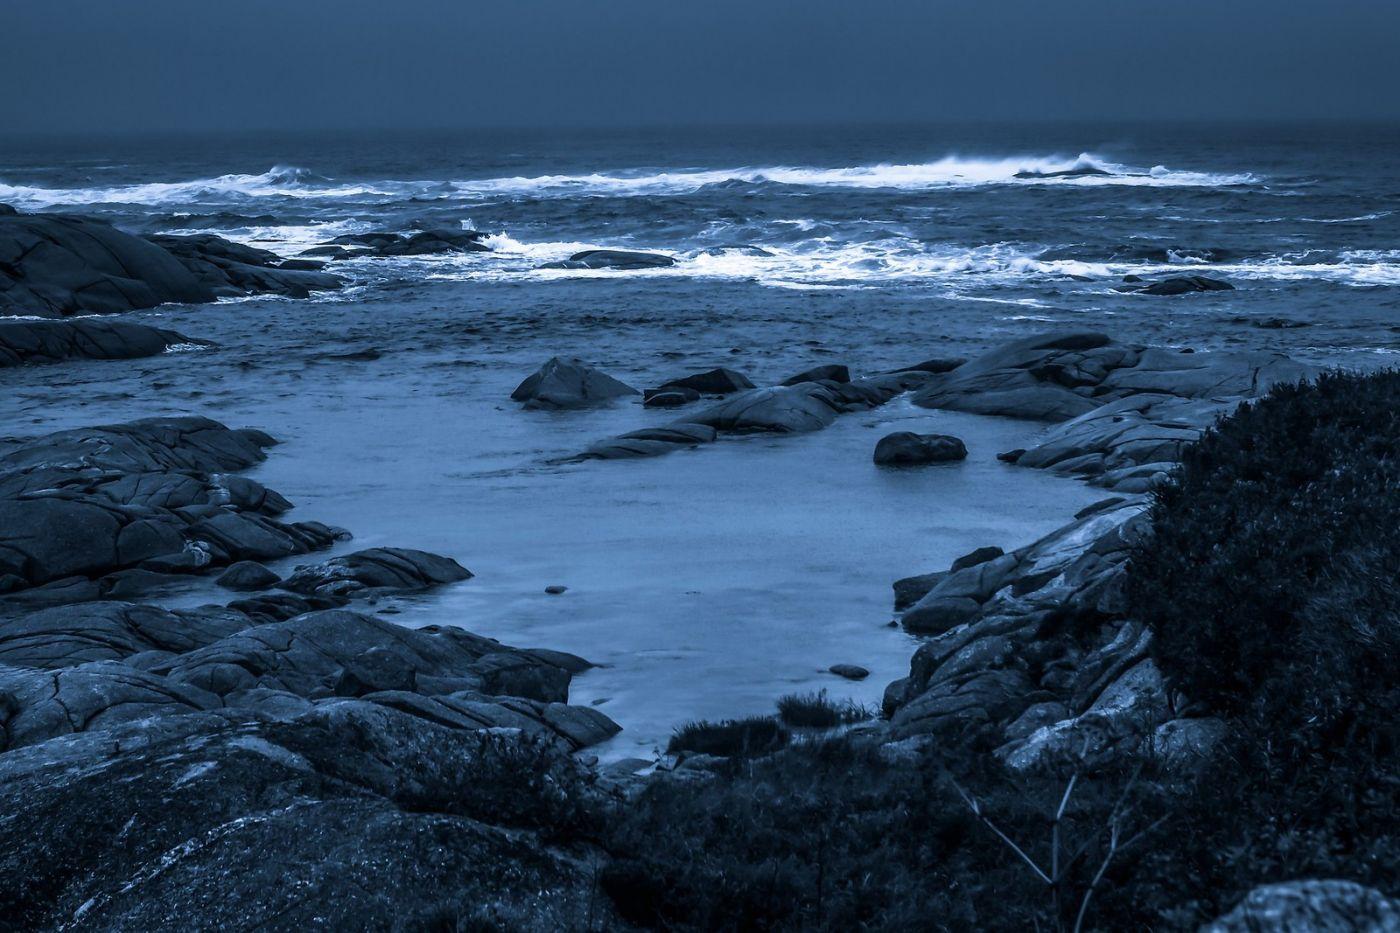 加拿大佩吉海湾(Peggys Cove),礁石上的灯塔_图1-15